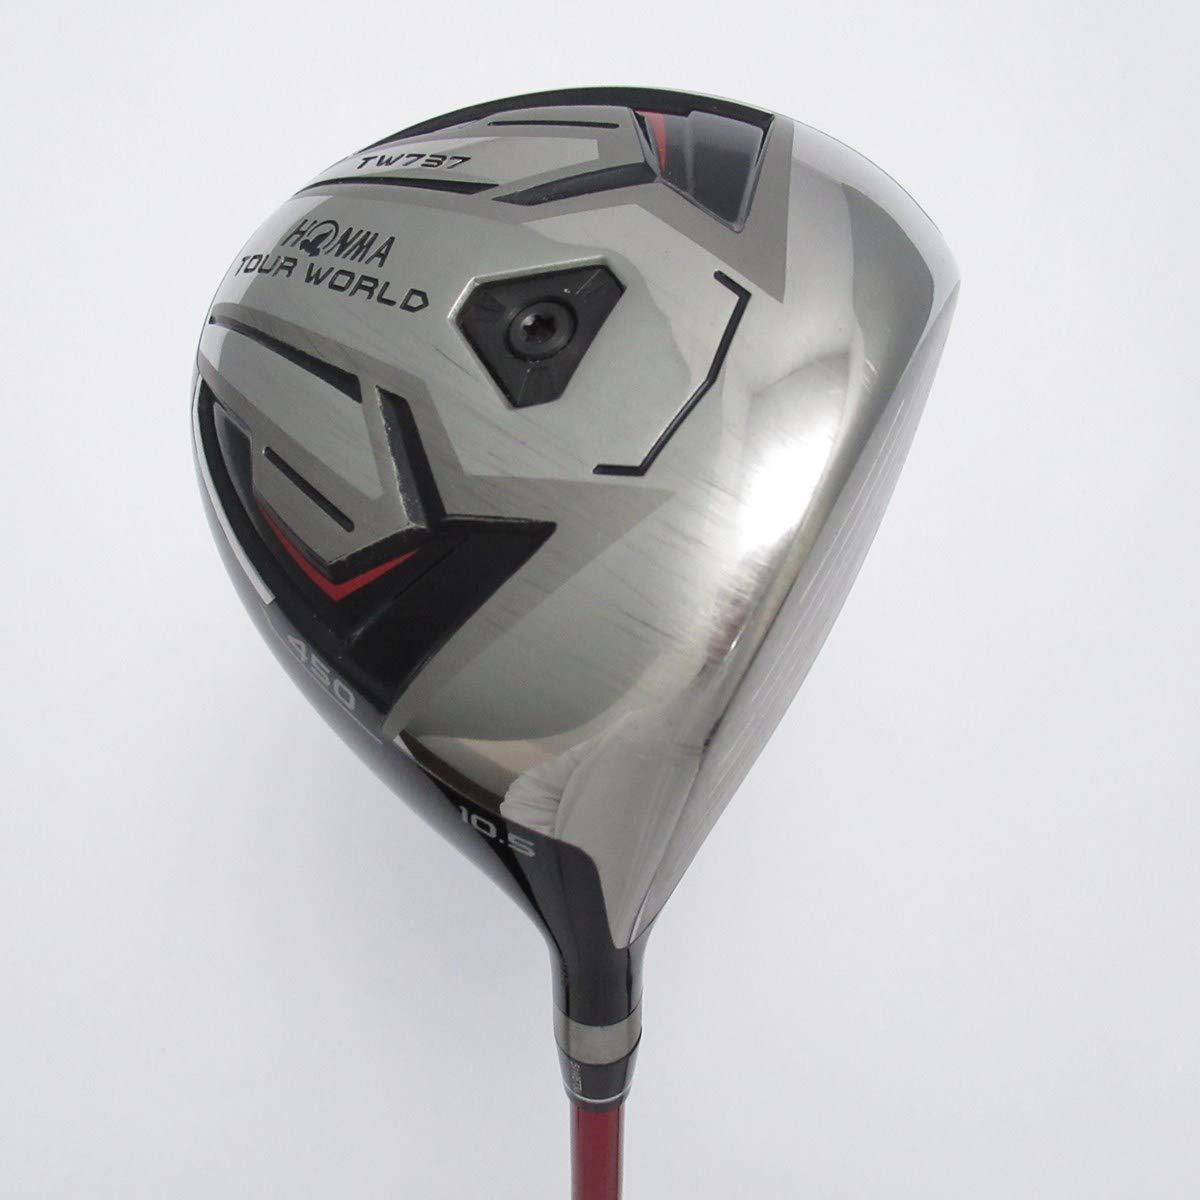 【中古】本間ゴルフ TOUR WORLD ツアーワールド TW737 450 ドライバー VIZARD EX-C65 B07N2B5H5C  S